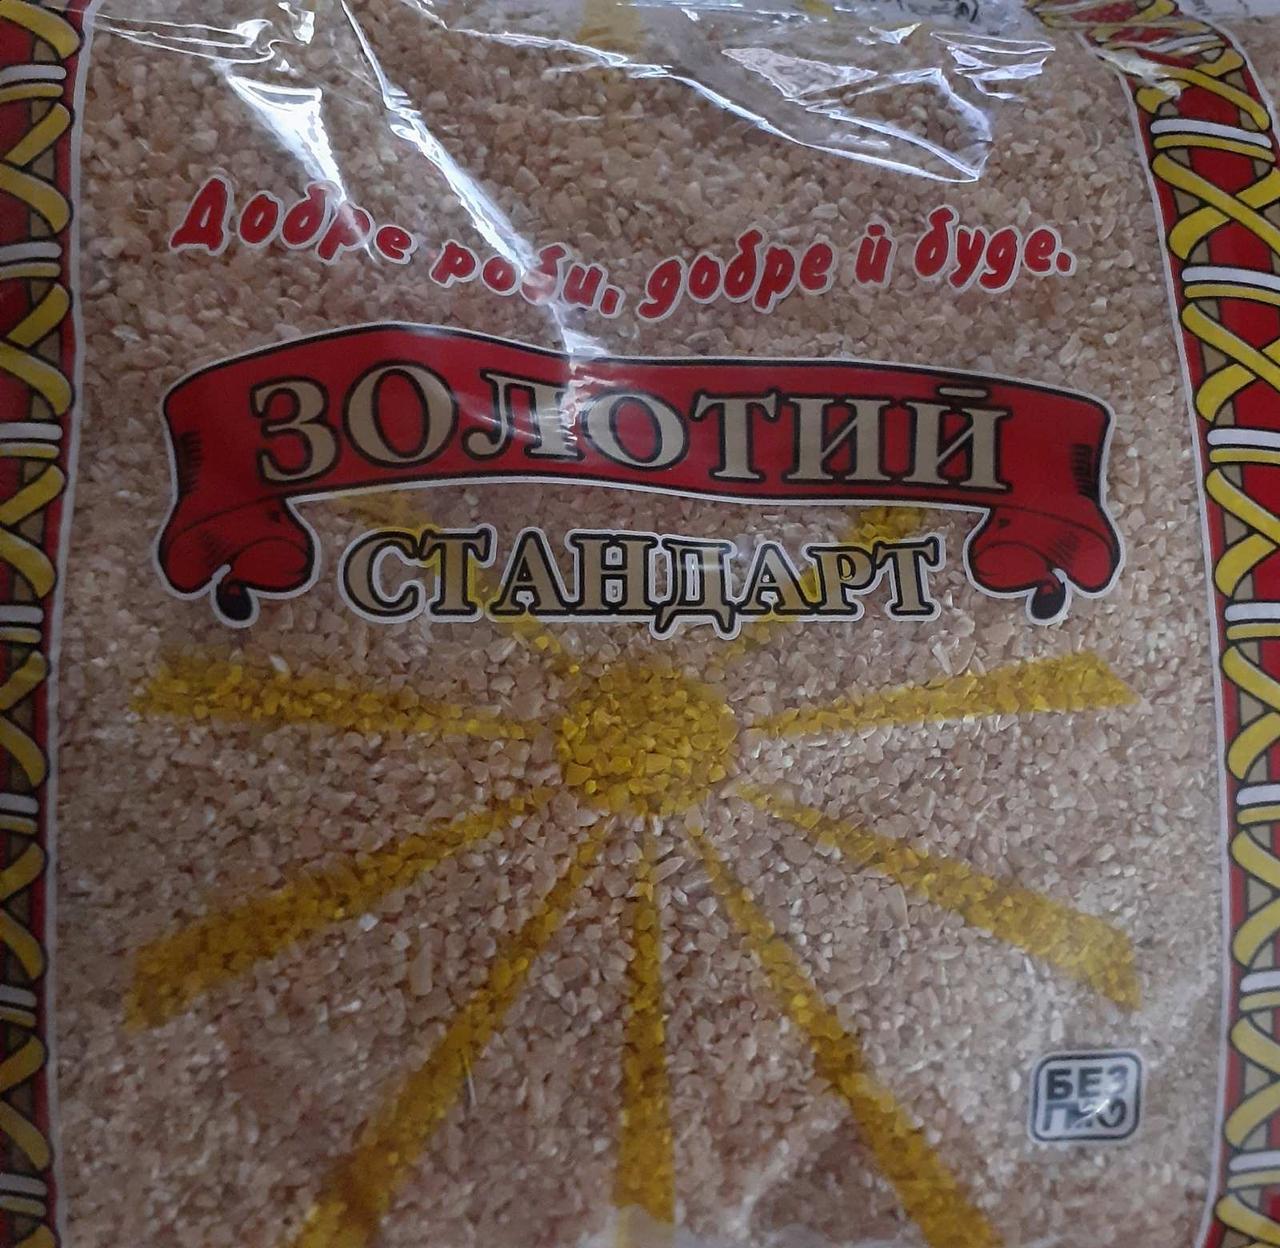 Пшенична - Арнаутка ТМ Золотий Стандарт 800 грам